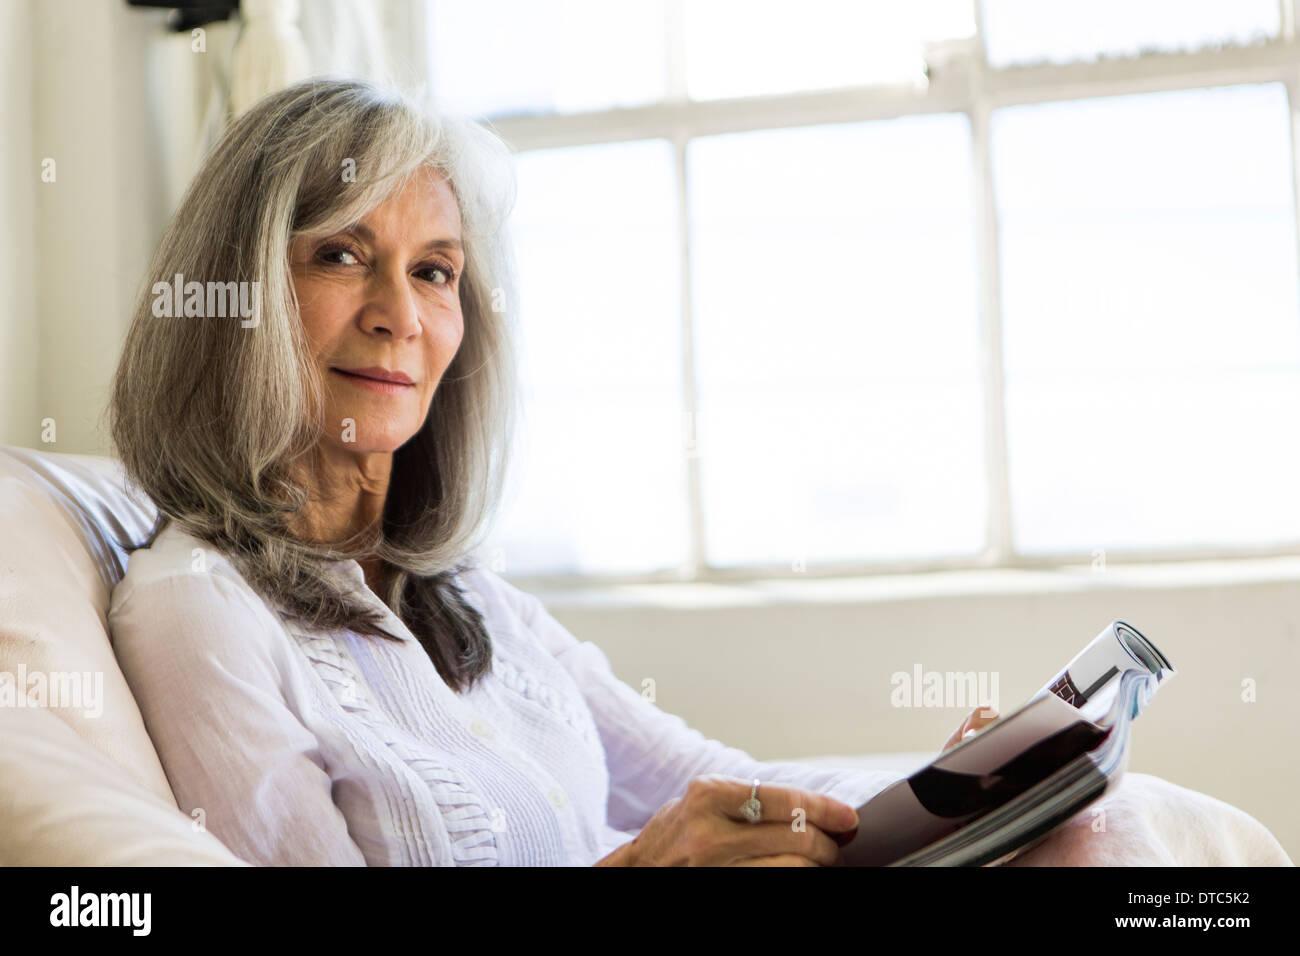 Ritratto di attraente donna senior rivista di lettura Immagini Stock